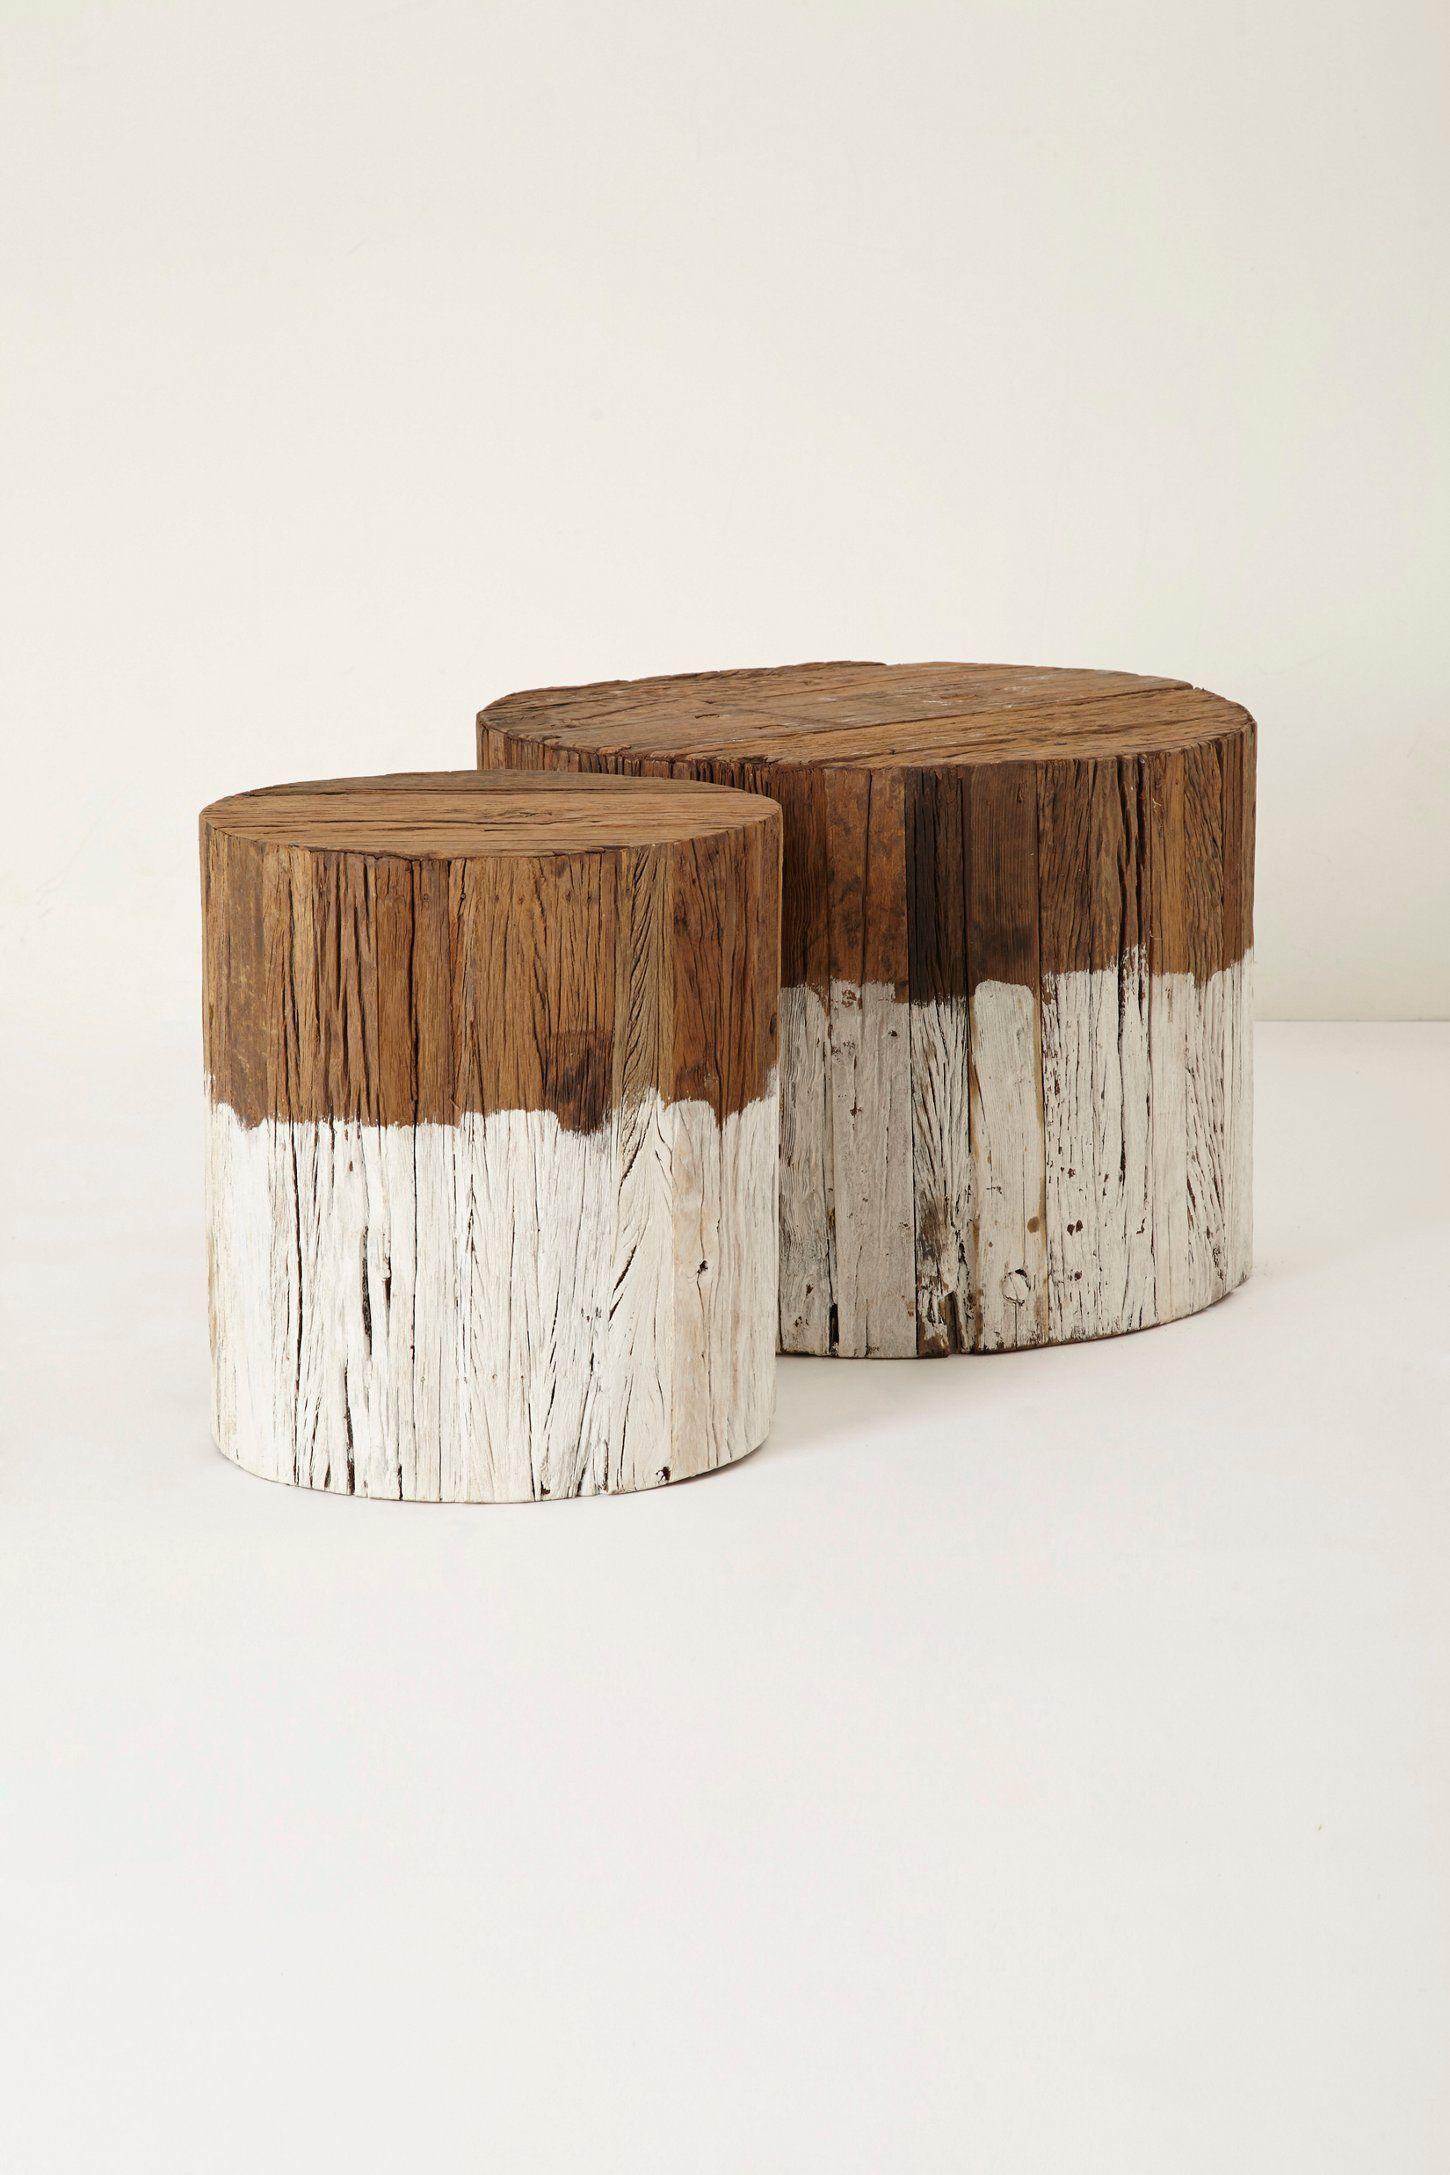 Woood Sidetable Job.Reclaimed Wood Side Table Reclaimed Wood Side Table